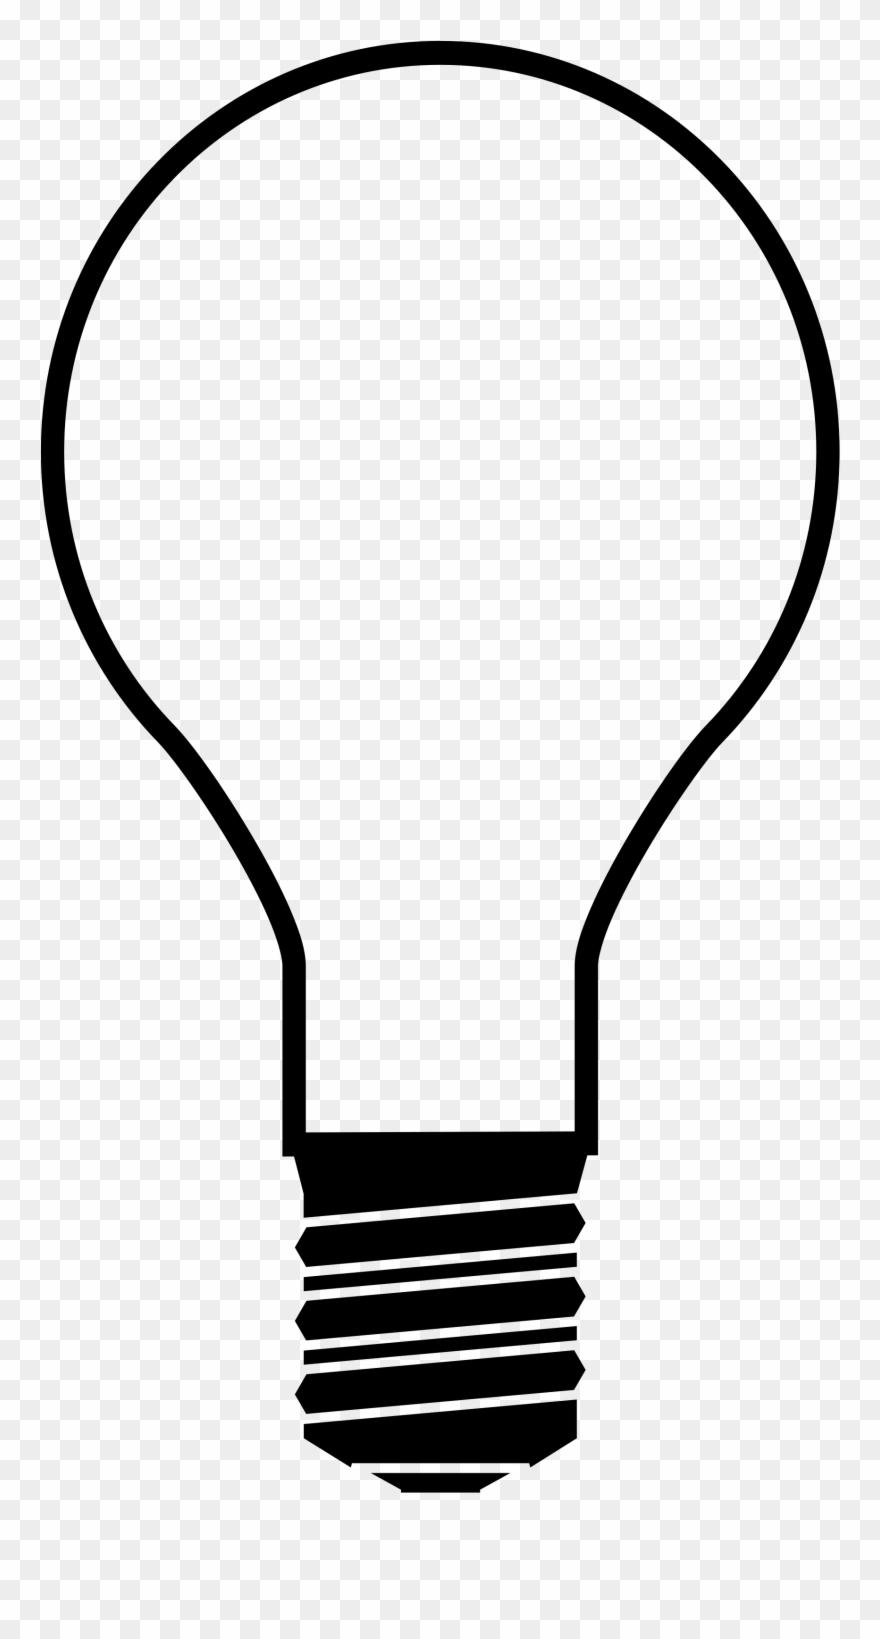 Christmas light bulb transparent. Lightbulb clipart silhouette